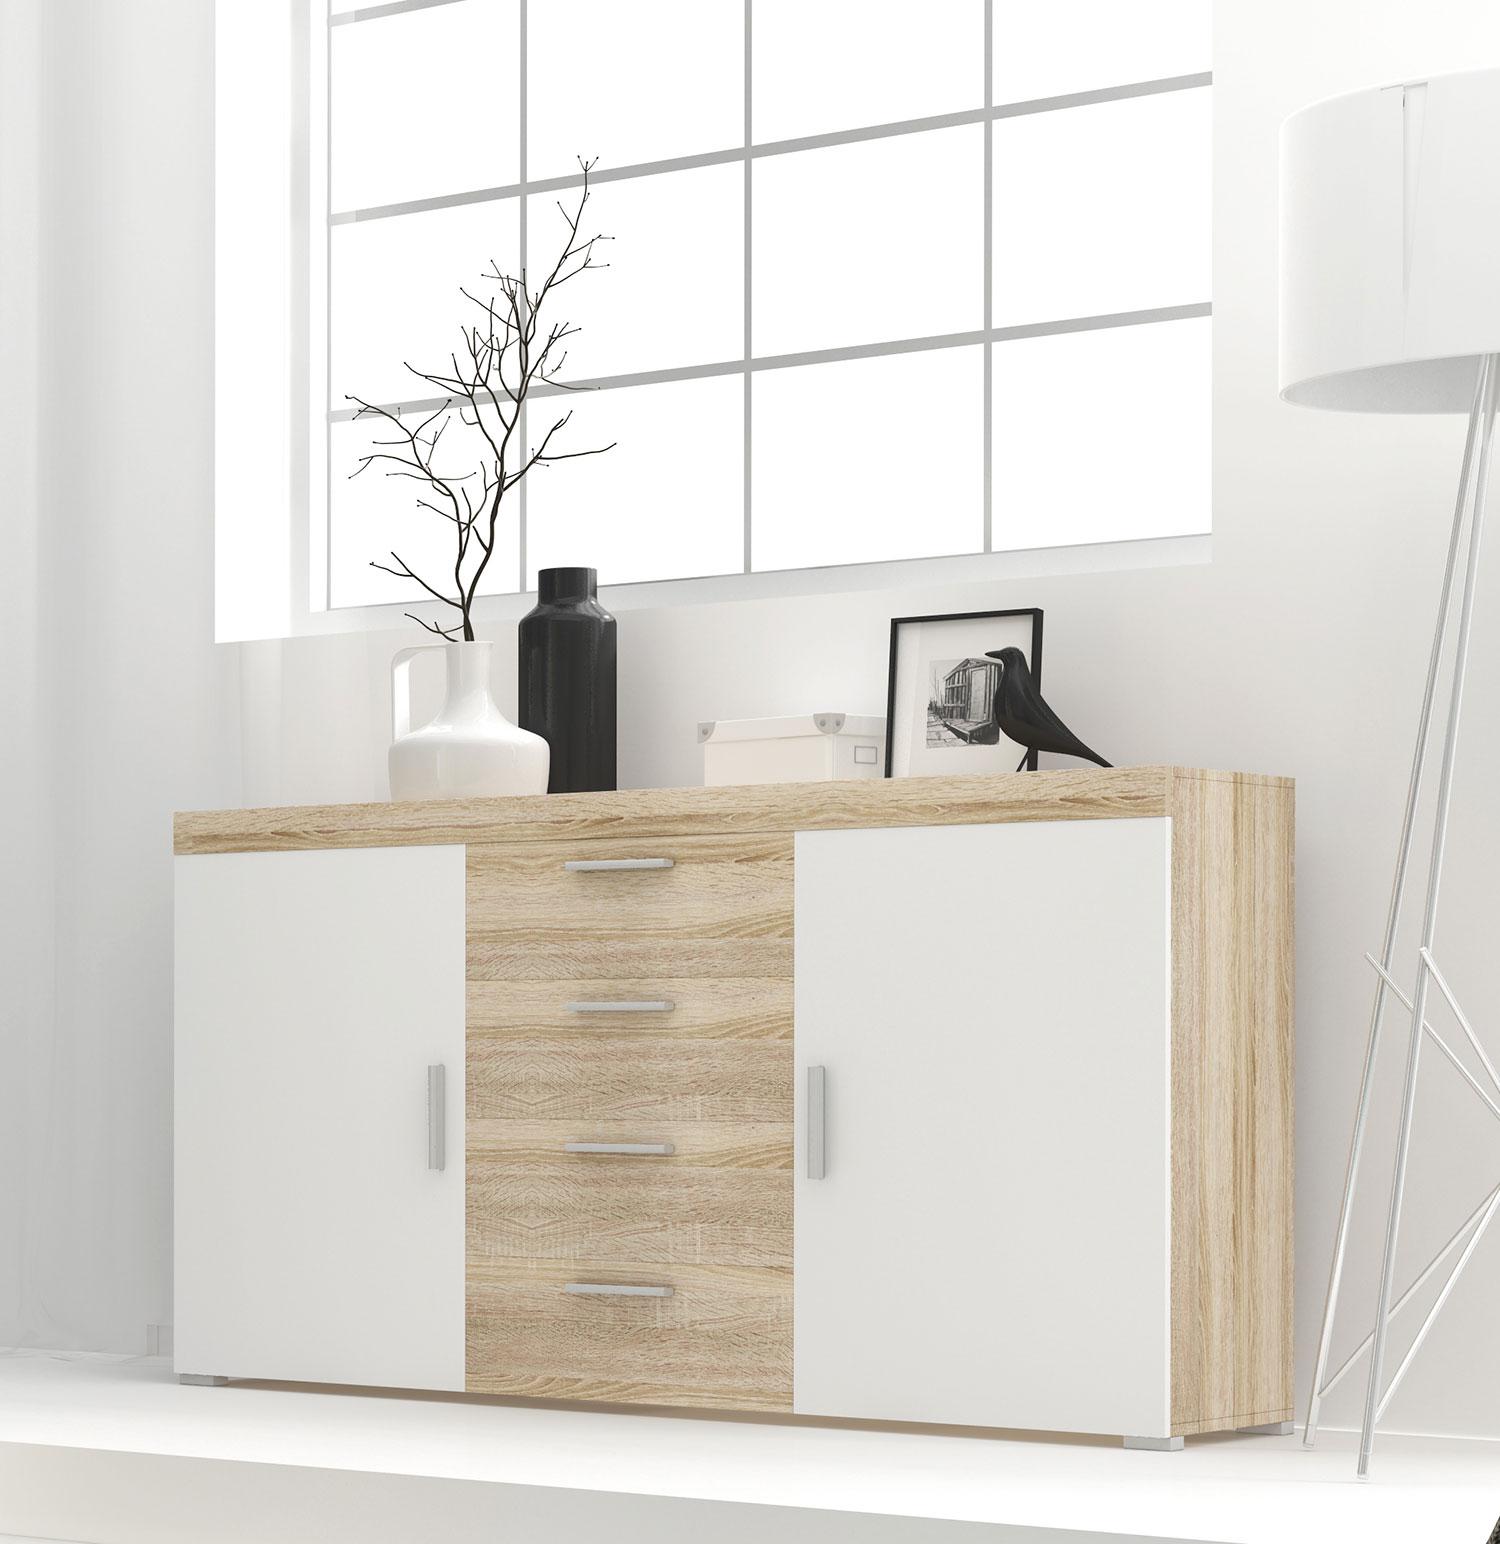 Kommode Sideboard Anrichte Wohnzimmer 150cm Sonoma Eiche Weiss Sideboards Und Kommoden Wohnzimmer Feldmann Wohnen Gmbh Online Shop